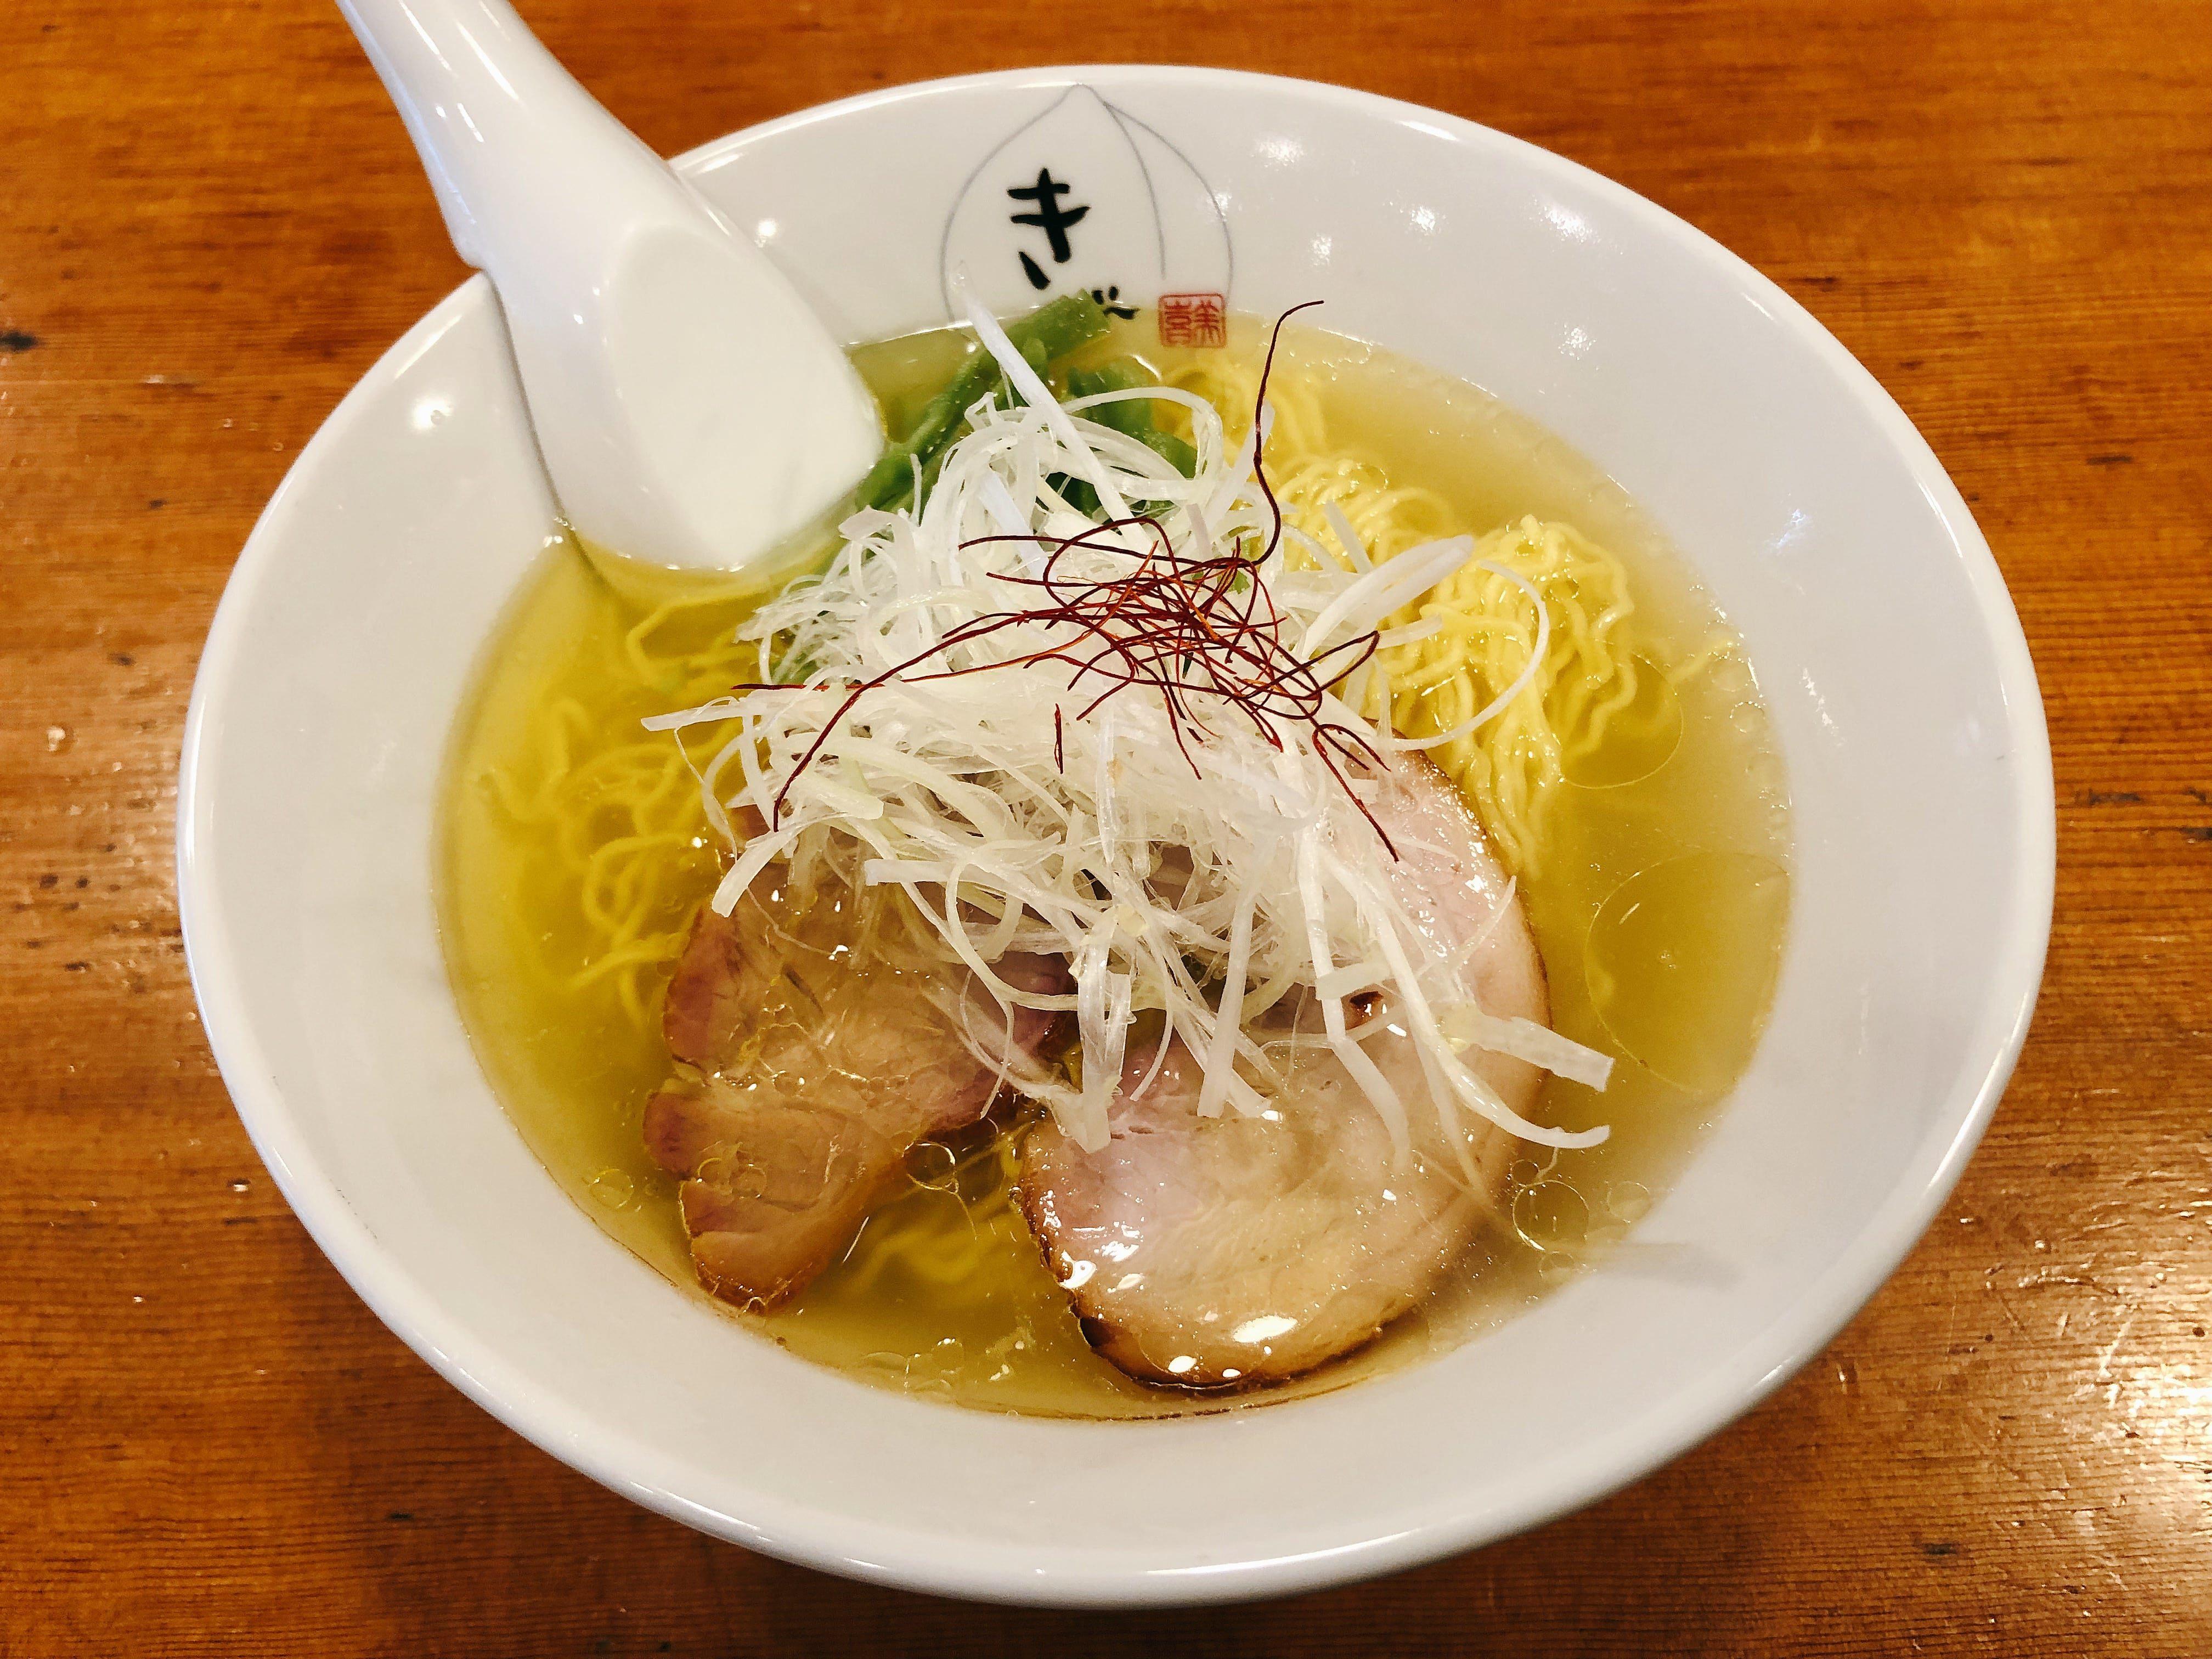 濃厚な鶏出汁の見事な黄金スープが美しい『鶏そば』@鶏そば きび【目黒】